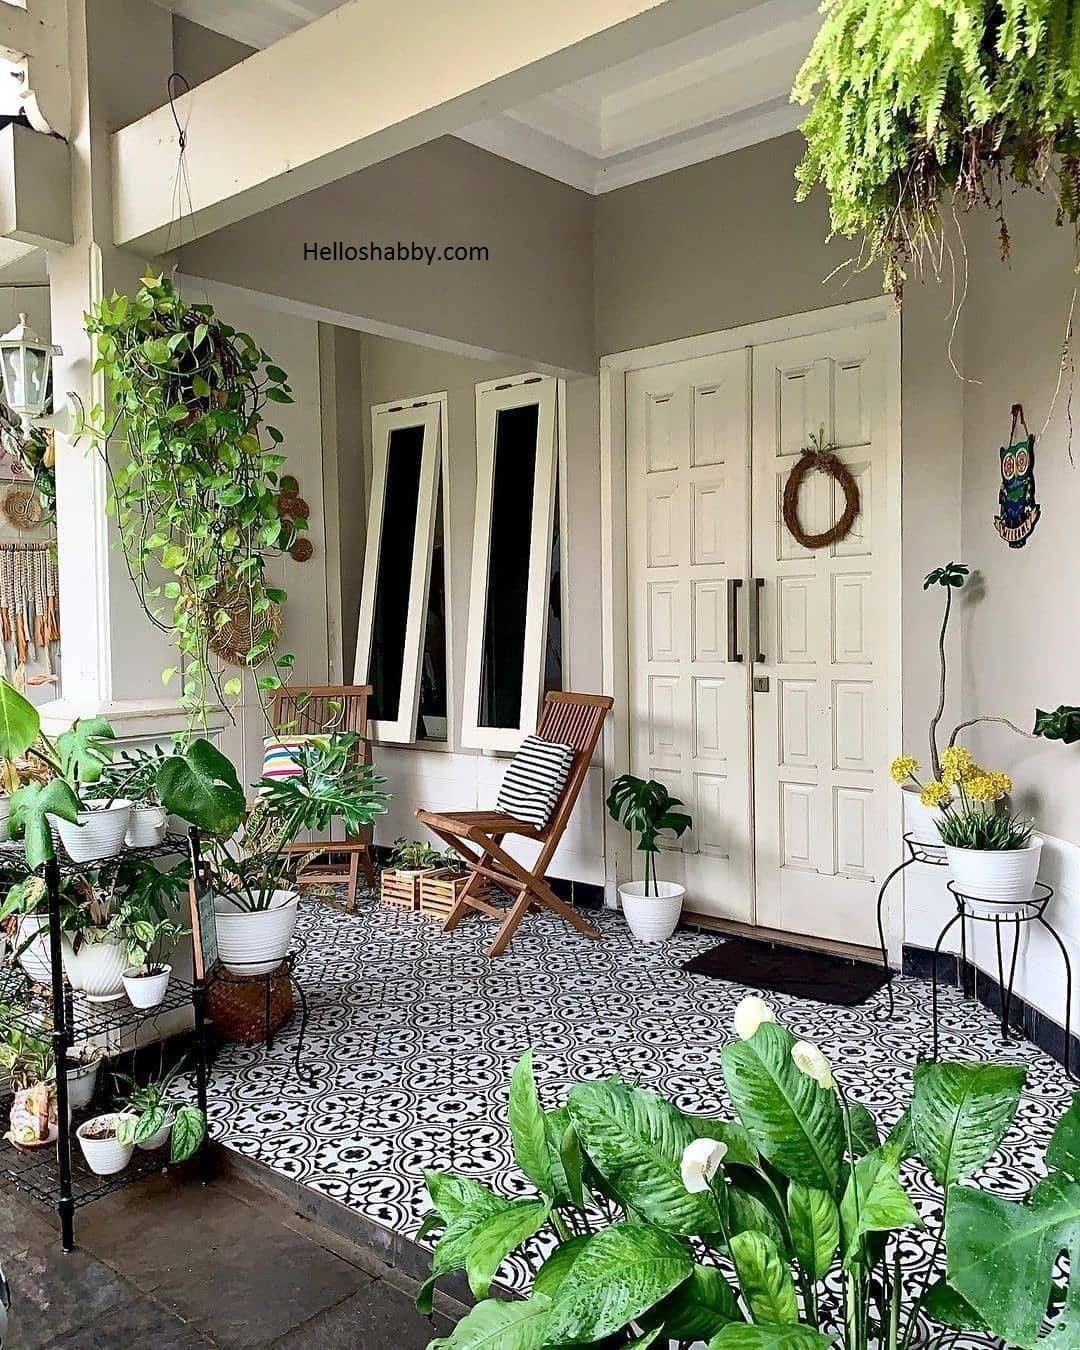 Kumpulan Desain Teras Rumah Ukuran 6 M Terdapat Taman Mini Helloshabby Com Interior And Exterior Solutions